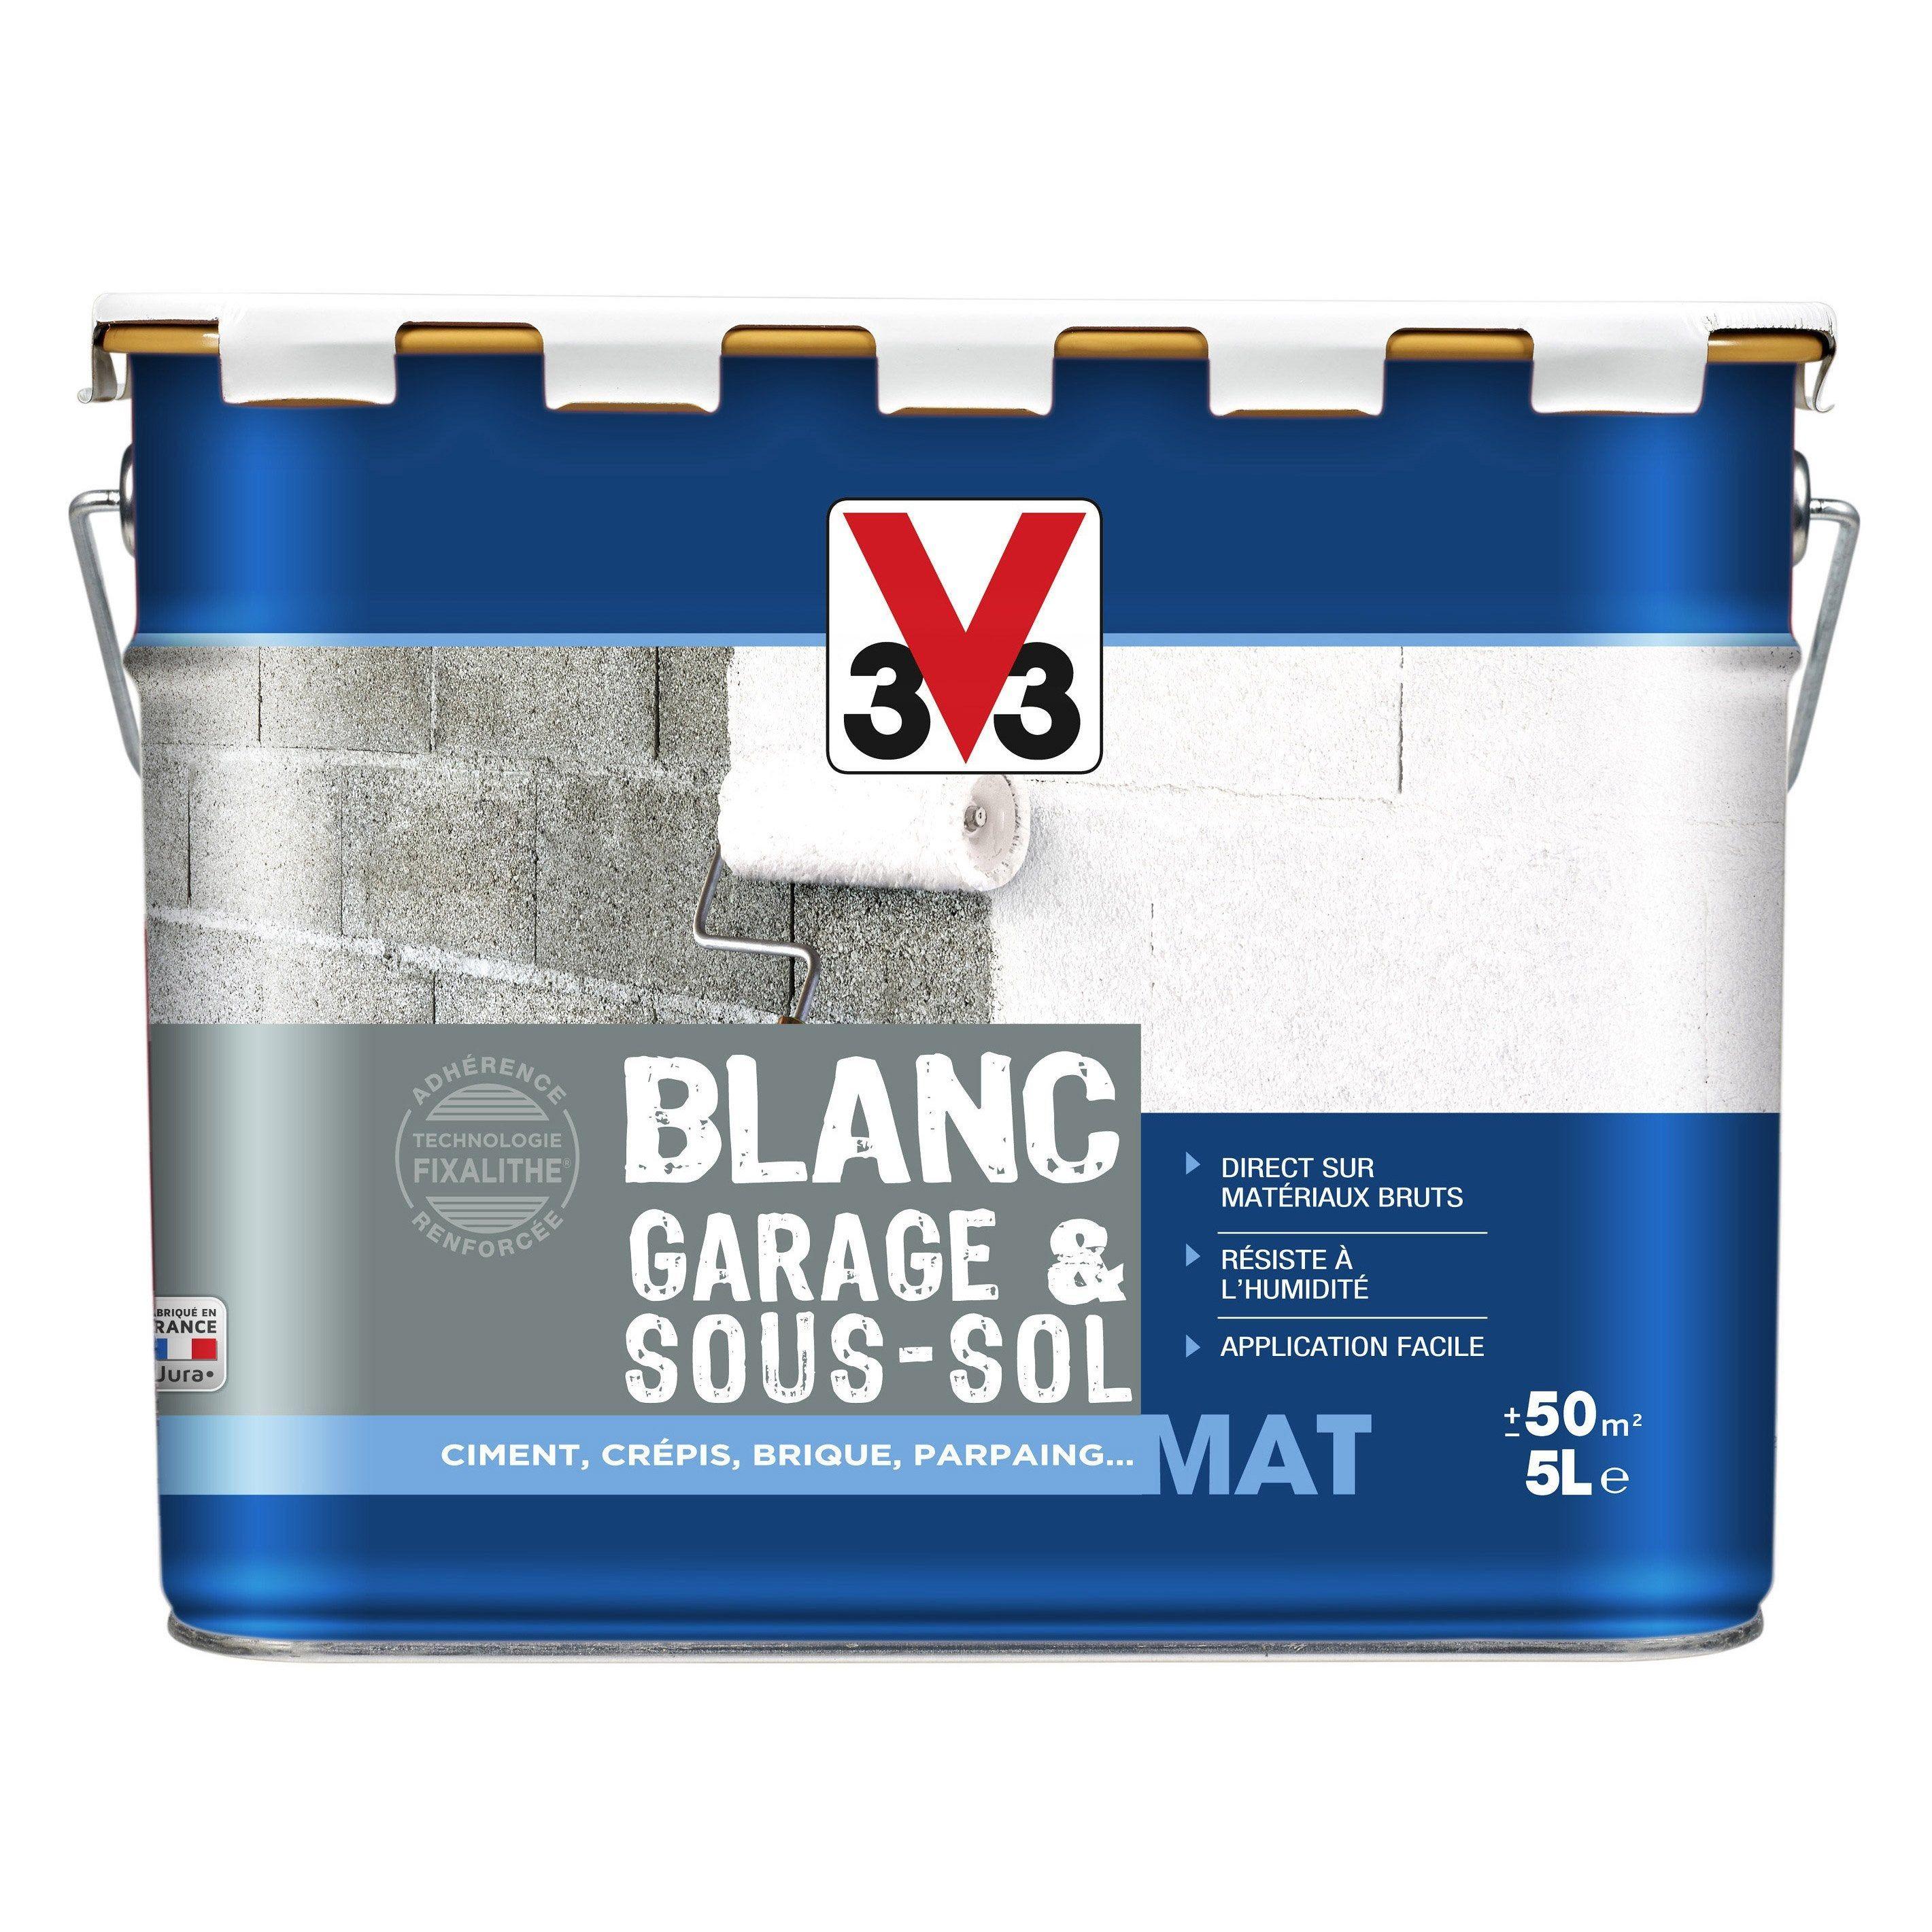 Peinture Blanc Mur Garage Sous Sol V33 Mat 5 L Products